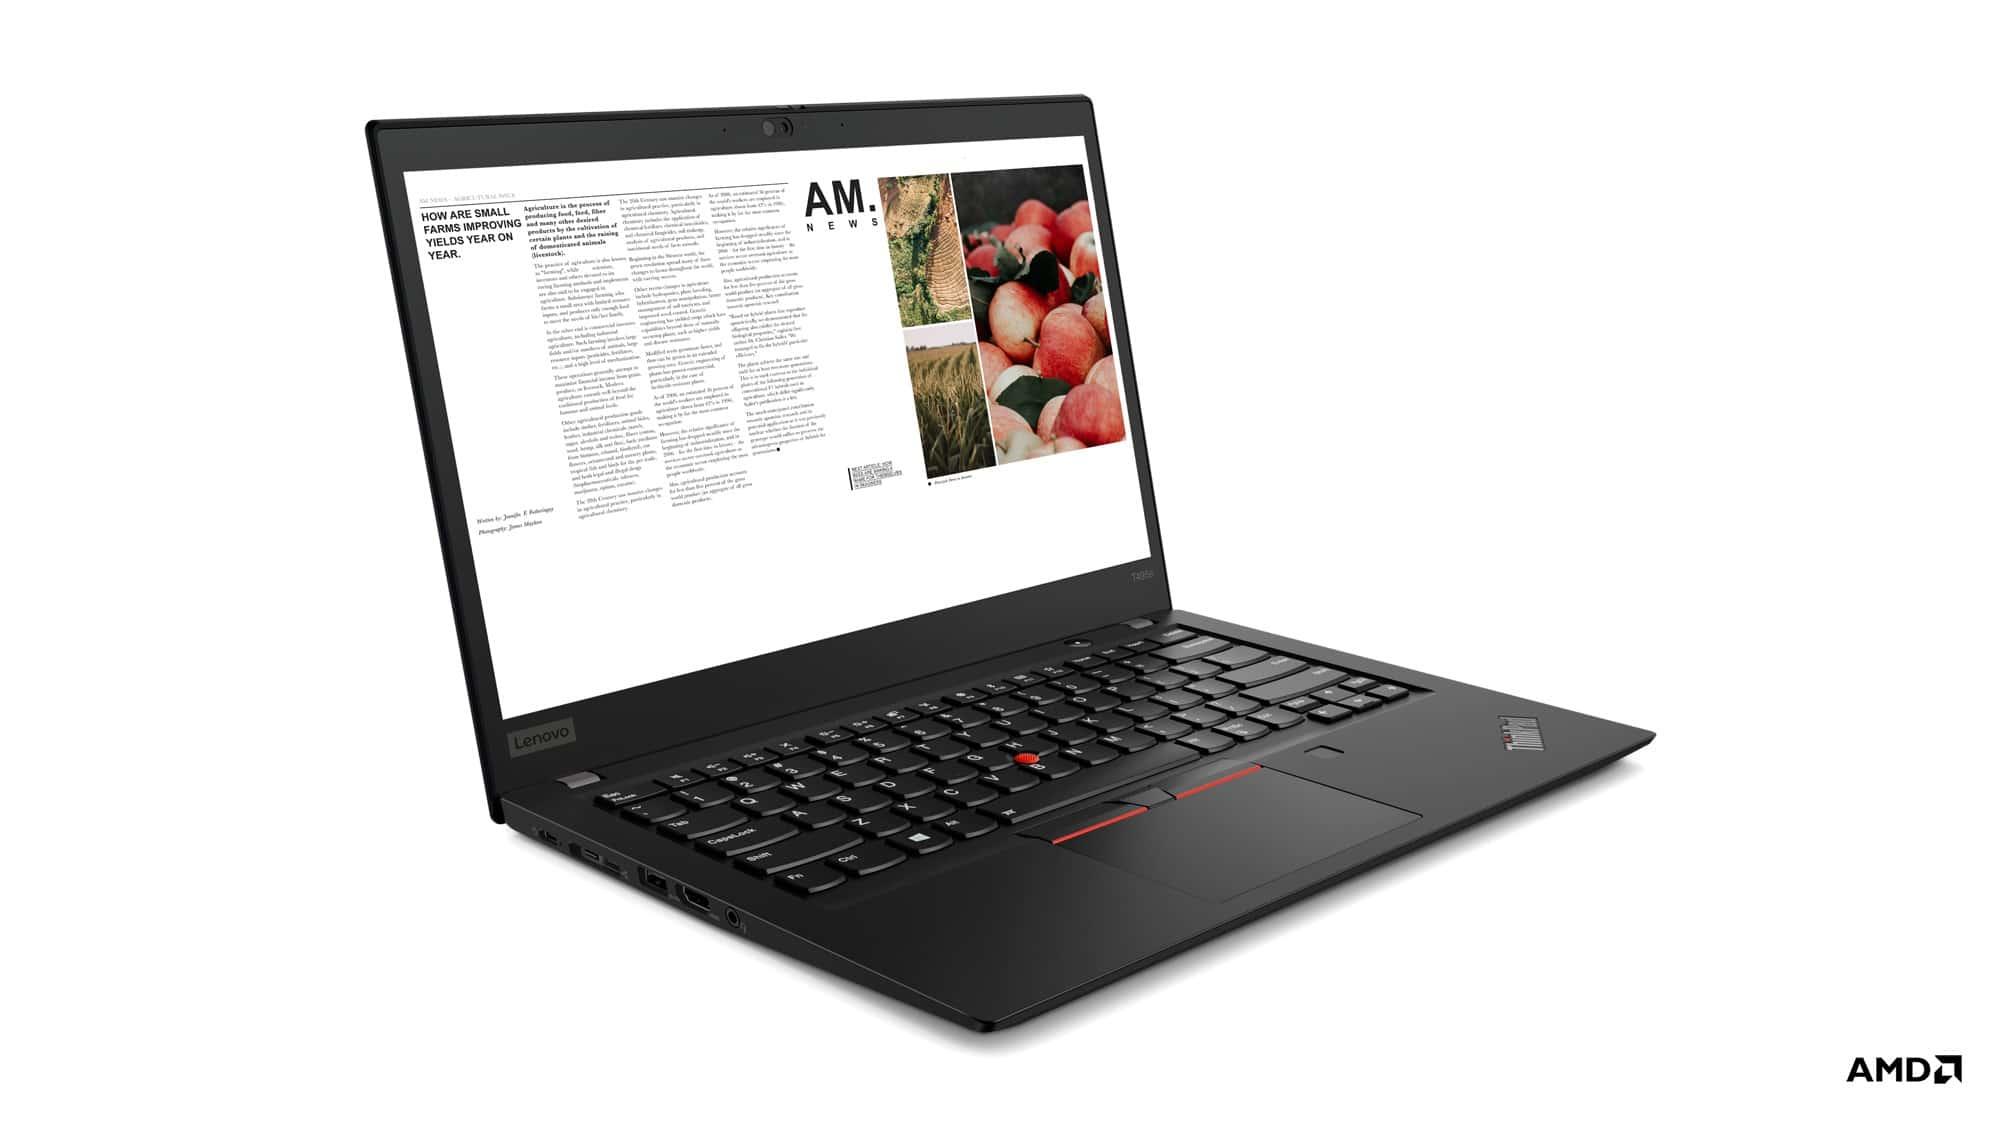 เปิดตัว lenovo thinkpad รุ่นล่าสุด ใช้ amd ryzen pro - เปิดตัว Lenovo ThinkPad รุ่นล่าสุด ใช้ AMD Ryzen PRO